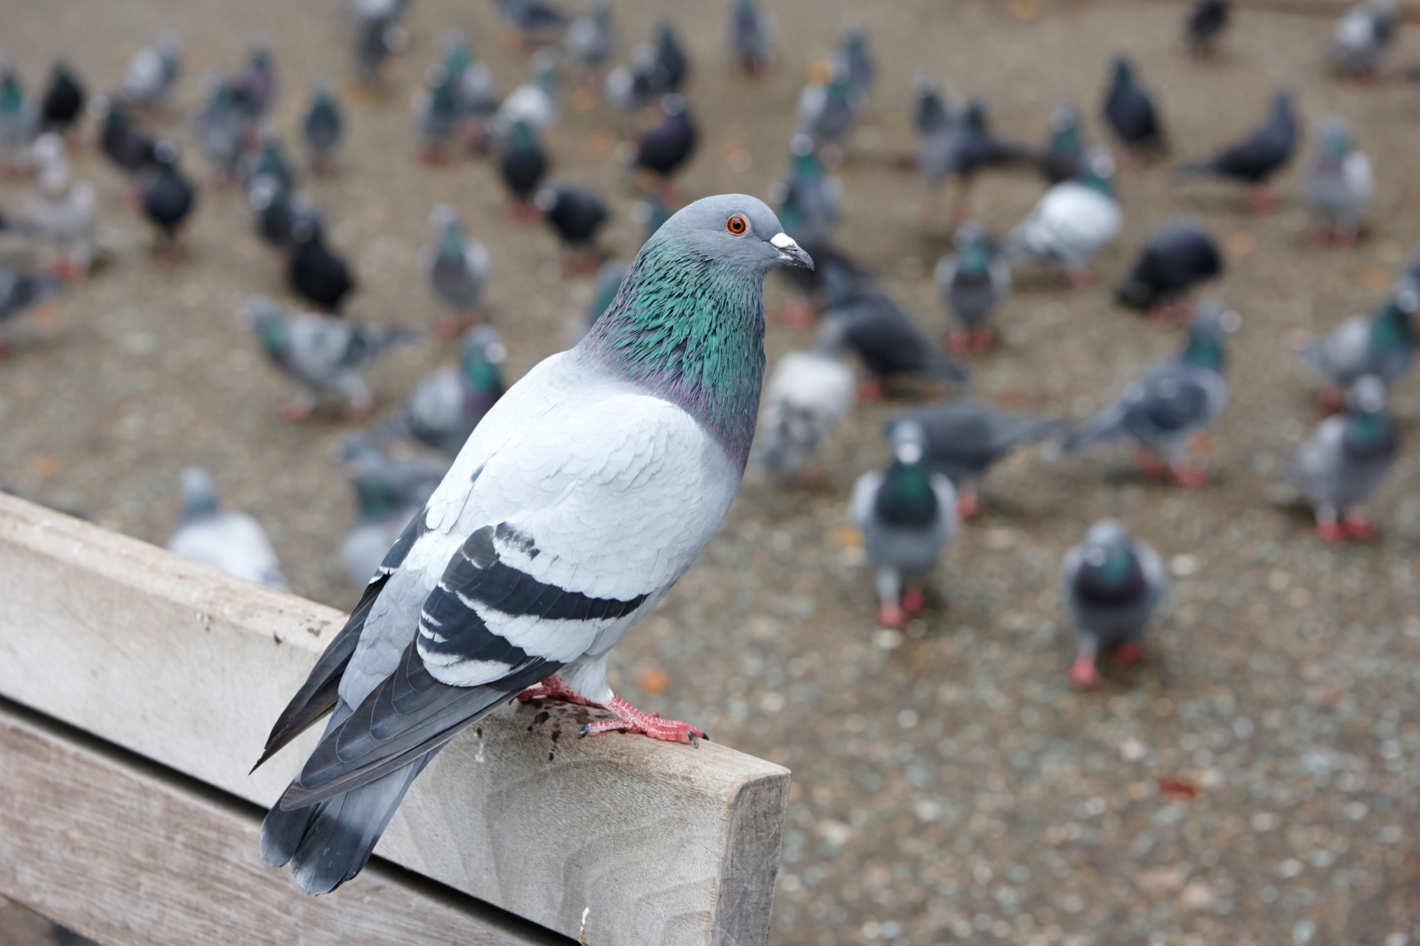 Comment faire fuir les pigeons - Faire fuir les pigeons ...